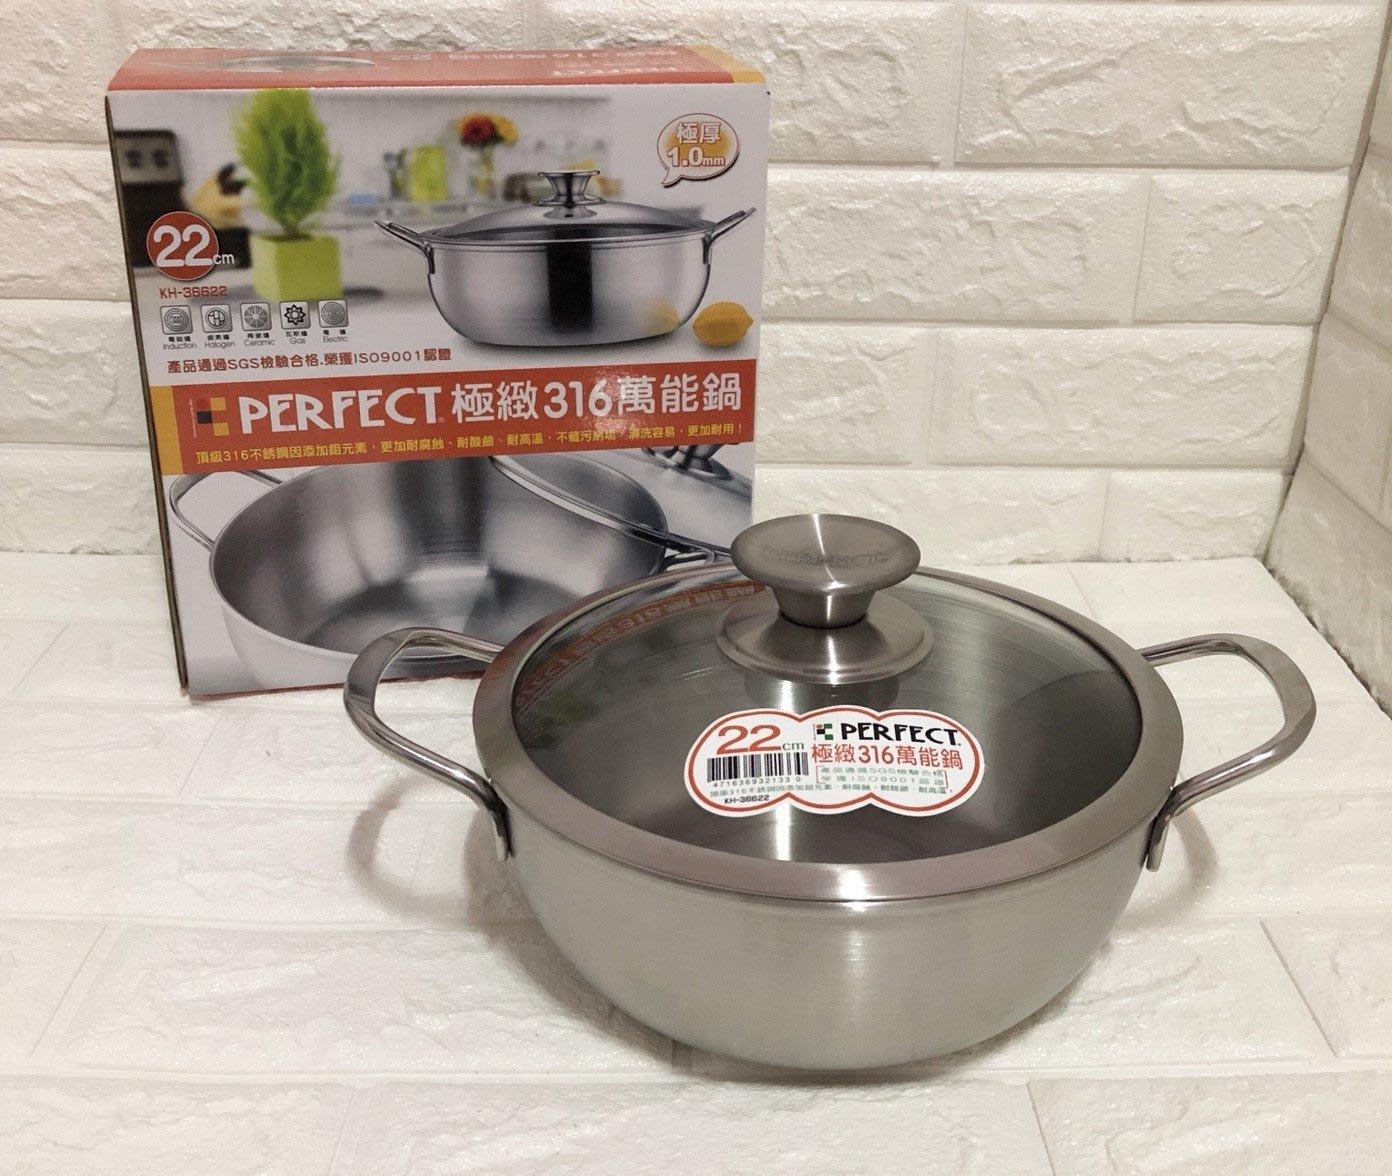 台灣製PERFECT極緻 316不鏽鋼32CM極厚萬能鍋 火鍋 團圓鍋 萬用鍋 湯鍋 燉鍋 團圓火鍋